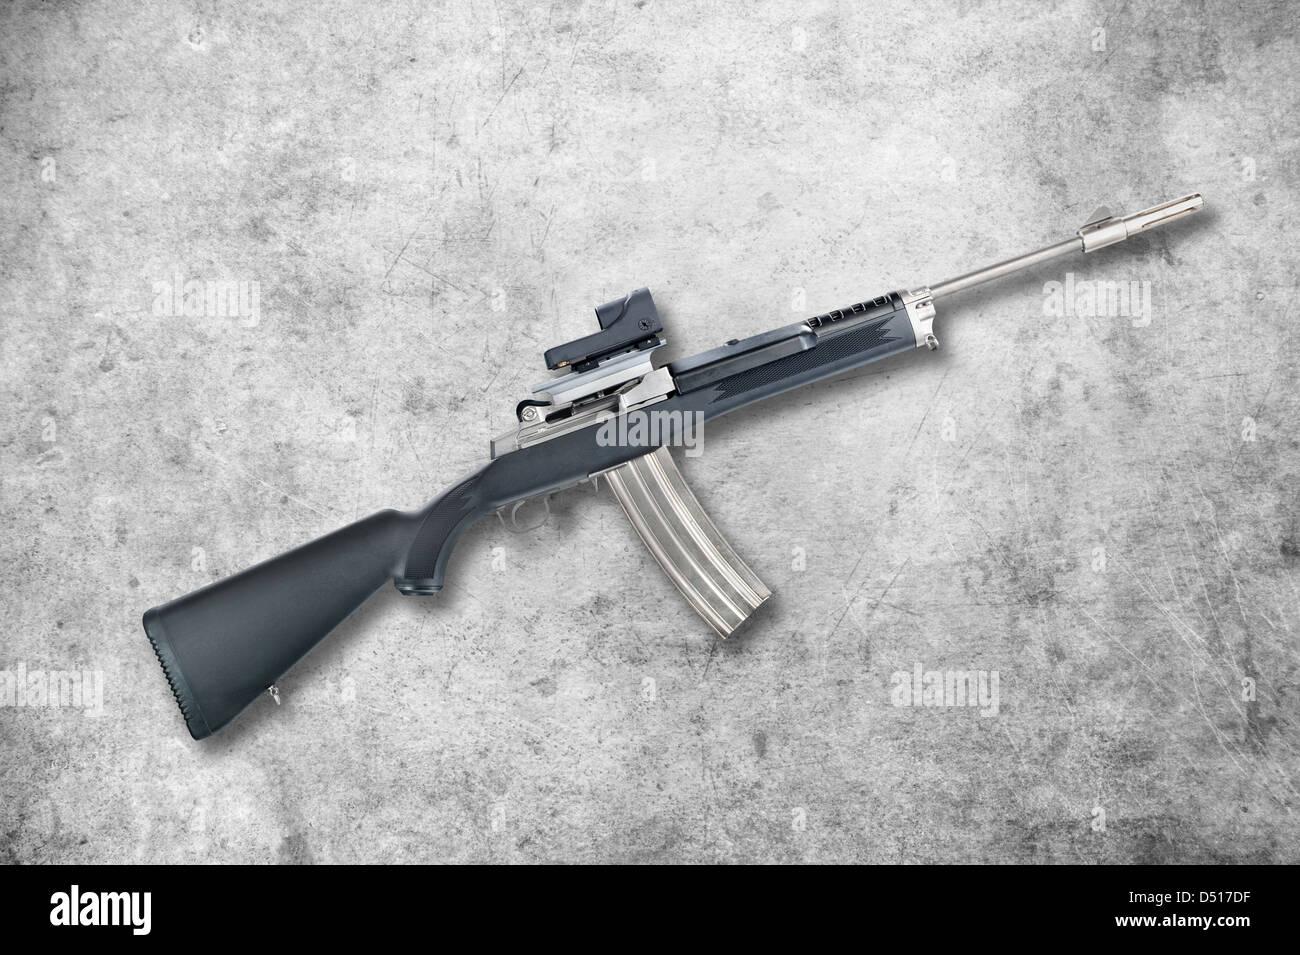 Ein Sturmgewehr mit einem 30-Schuss Magazin auf schwarzem Hintergrund isoliert. Stockbild